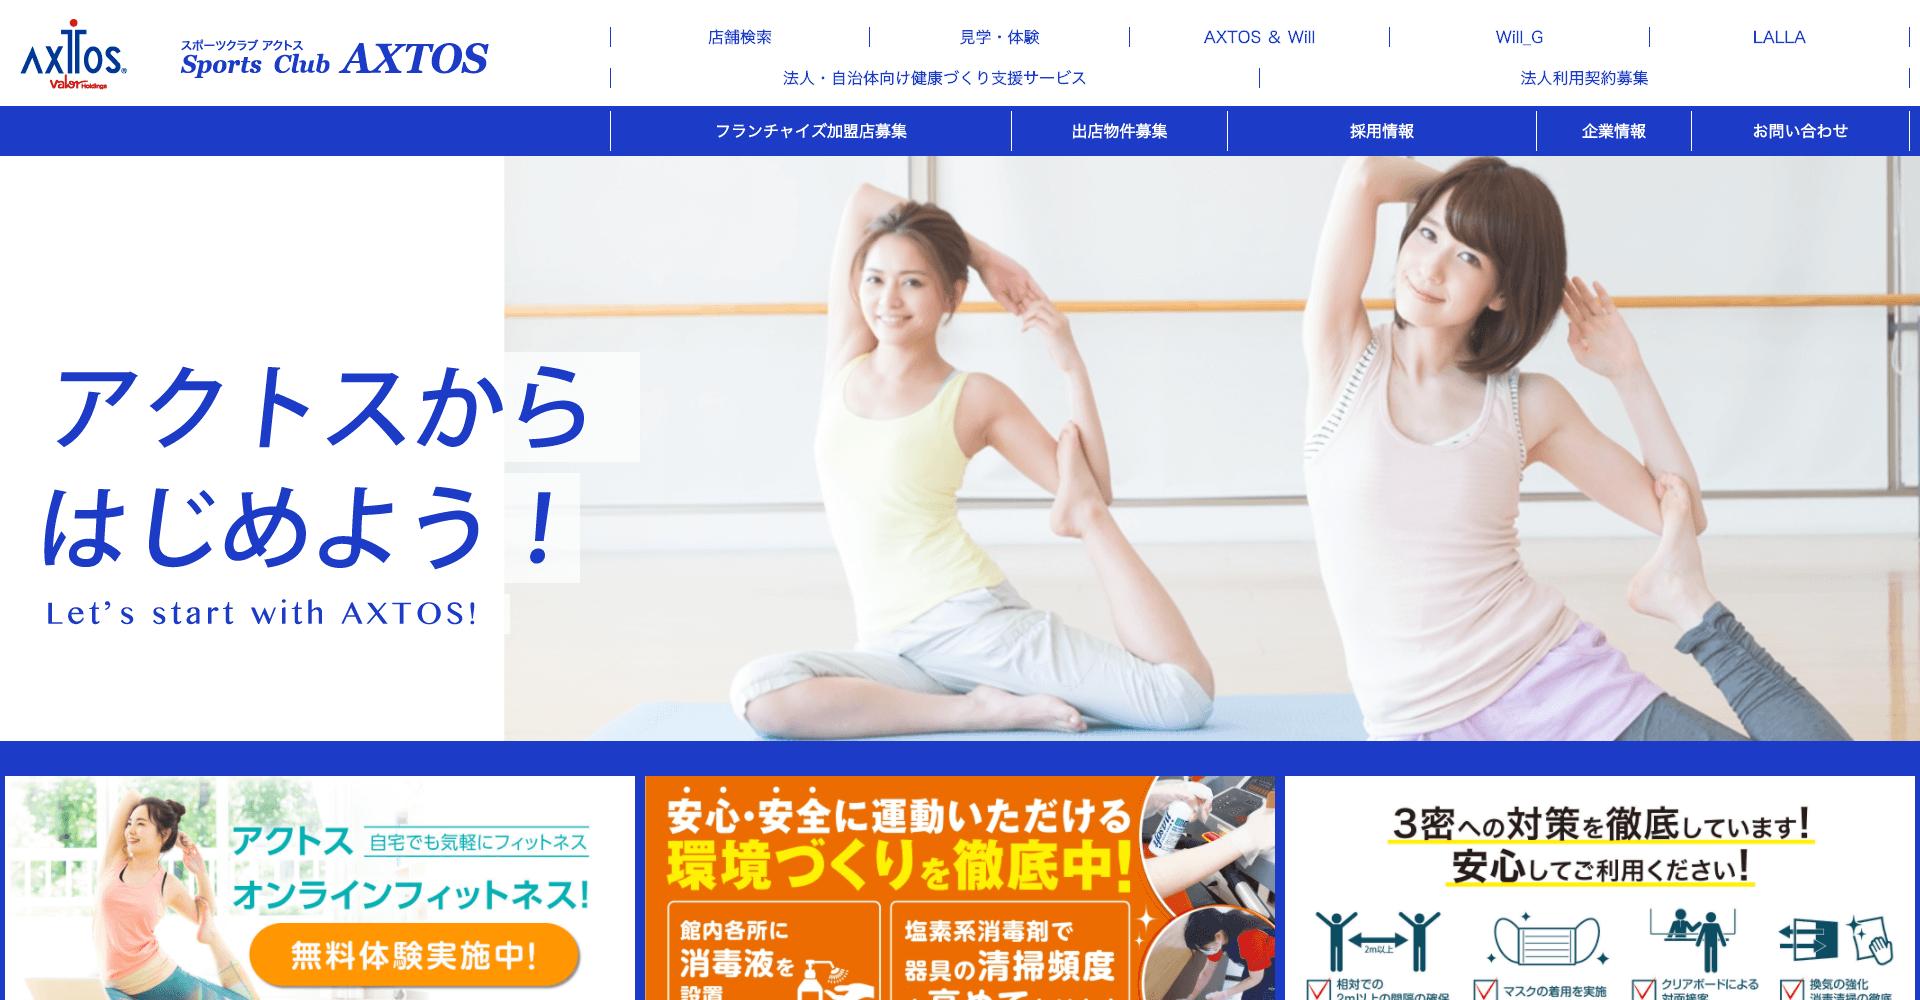 スポーツクラブ アクトスWill_G白井